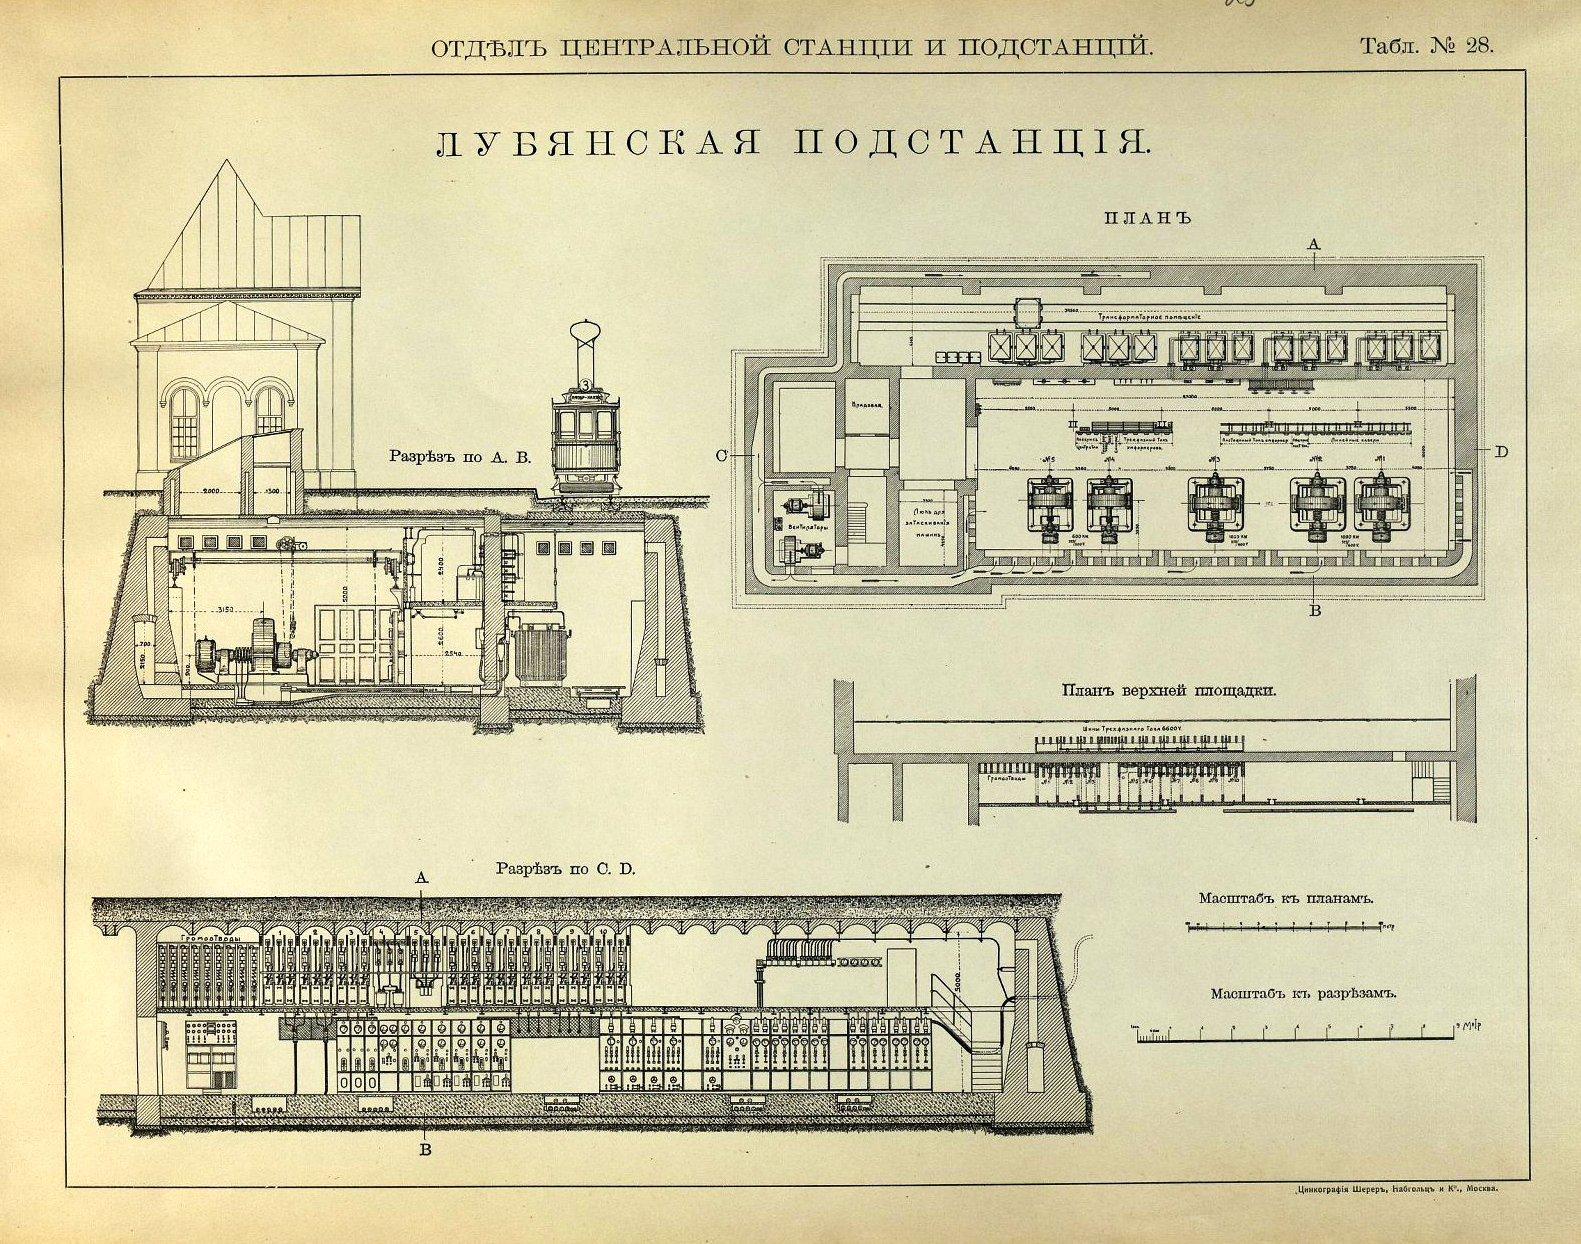 29. Лубянская подстанция - план и разрез